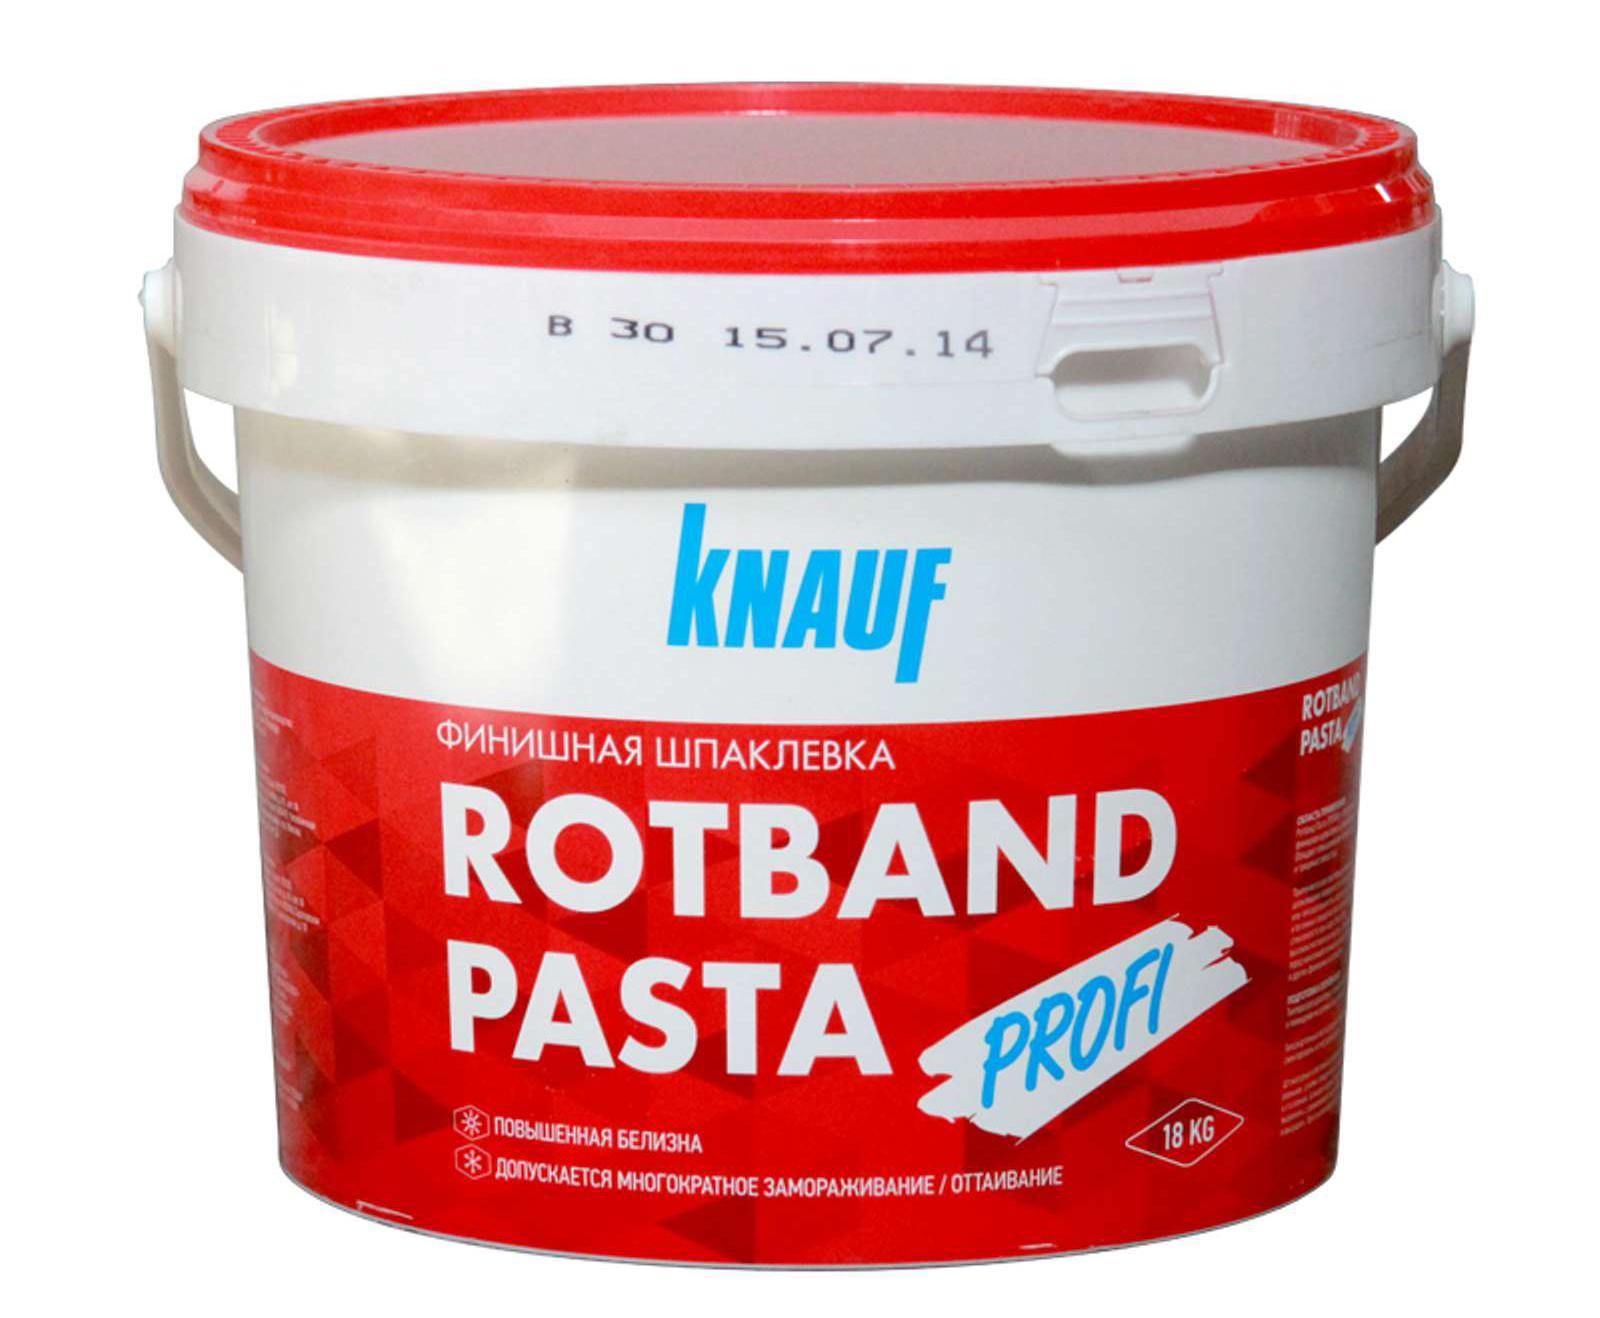 Шпаклевка Knauf Rotband Pasta